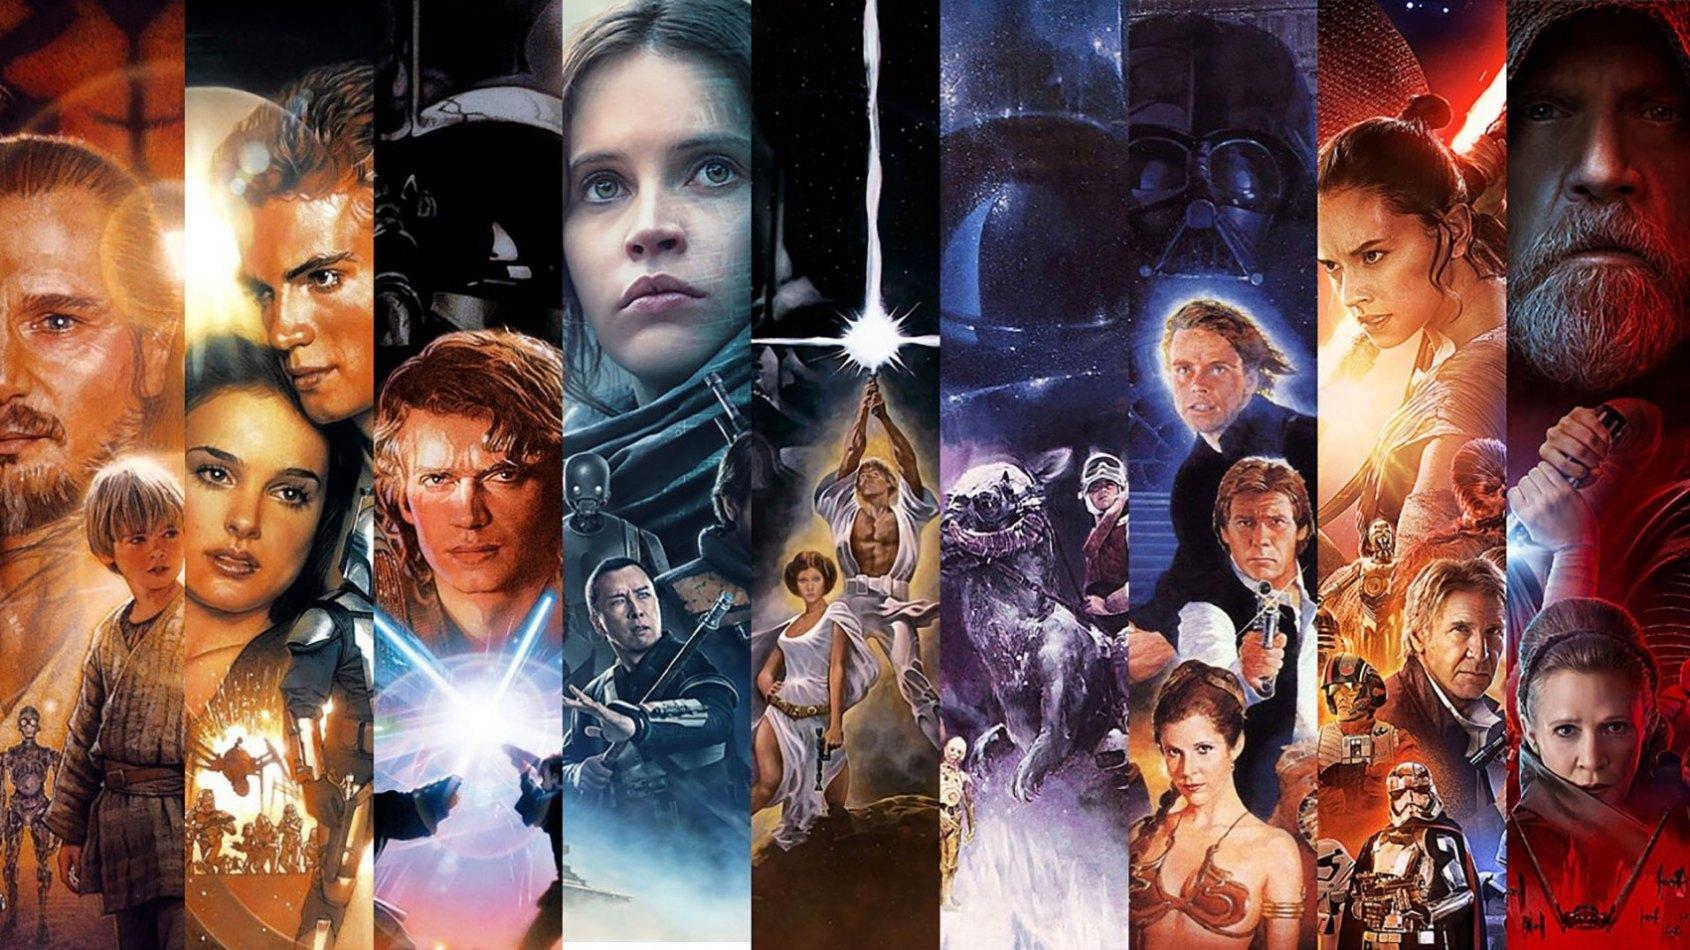 Bientôt de nouvelles informations pour Star Wars Jedi: Fallen Order